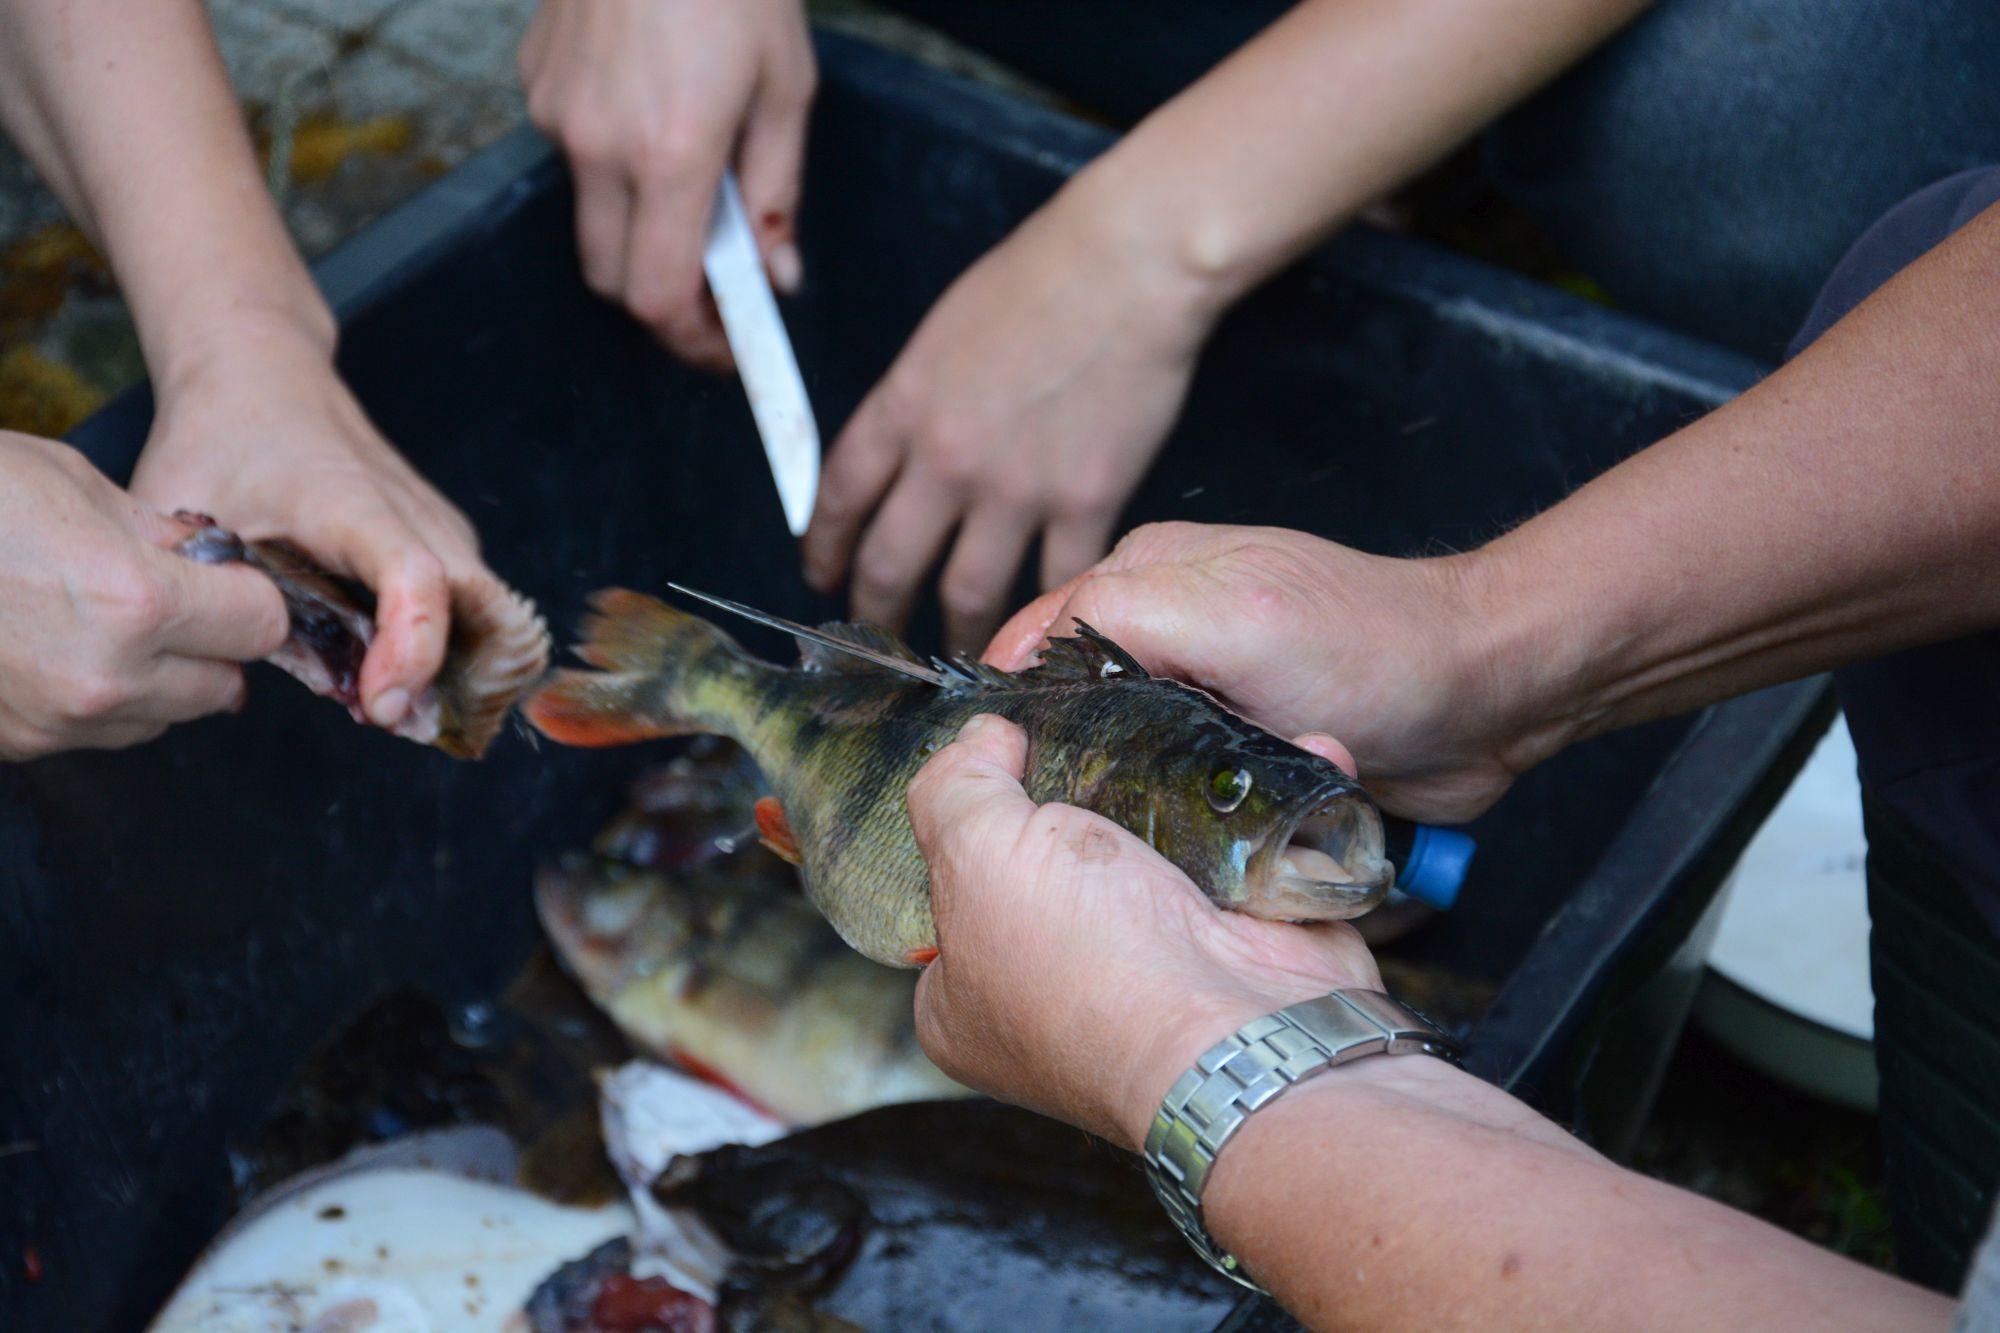 Talgulised abiks kalade puhastamisel. Foto: Kadri Paomees